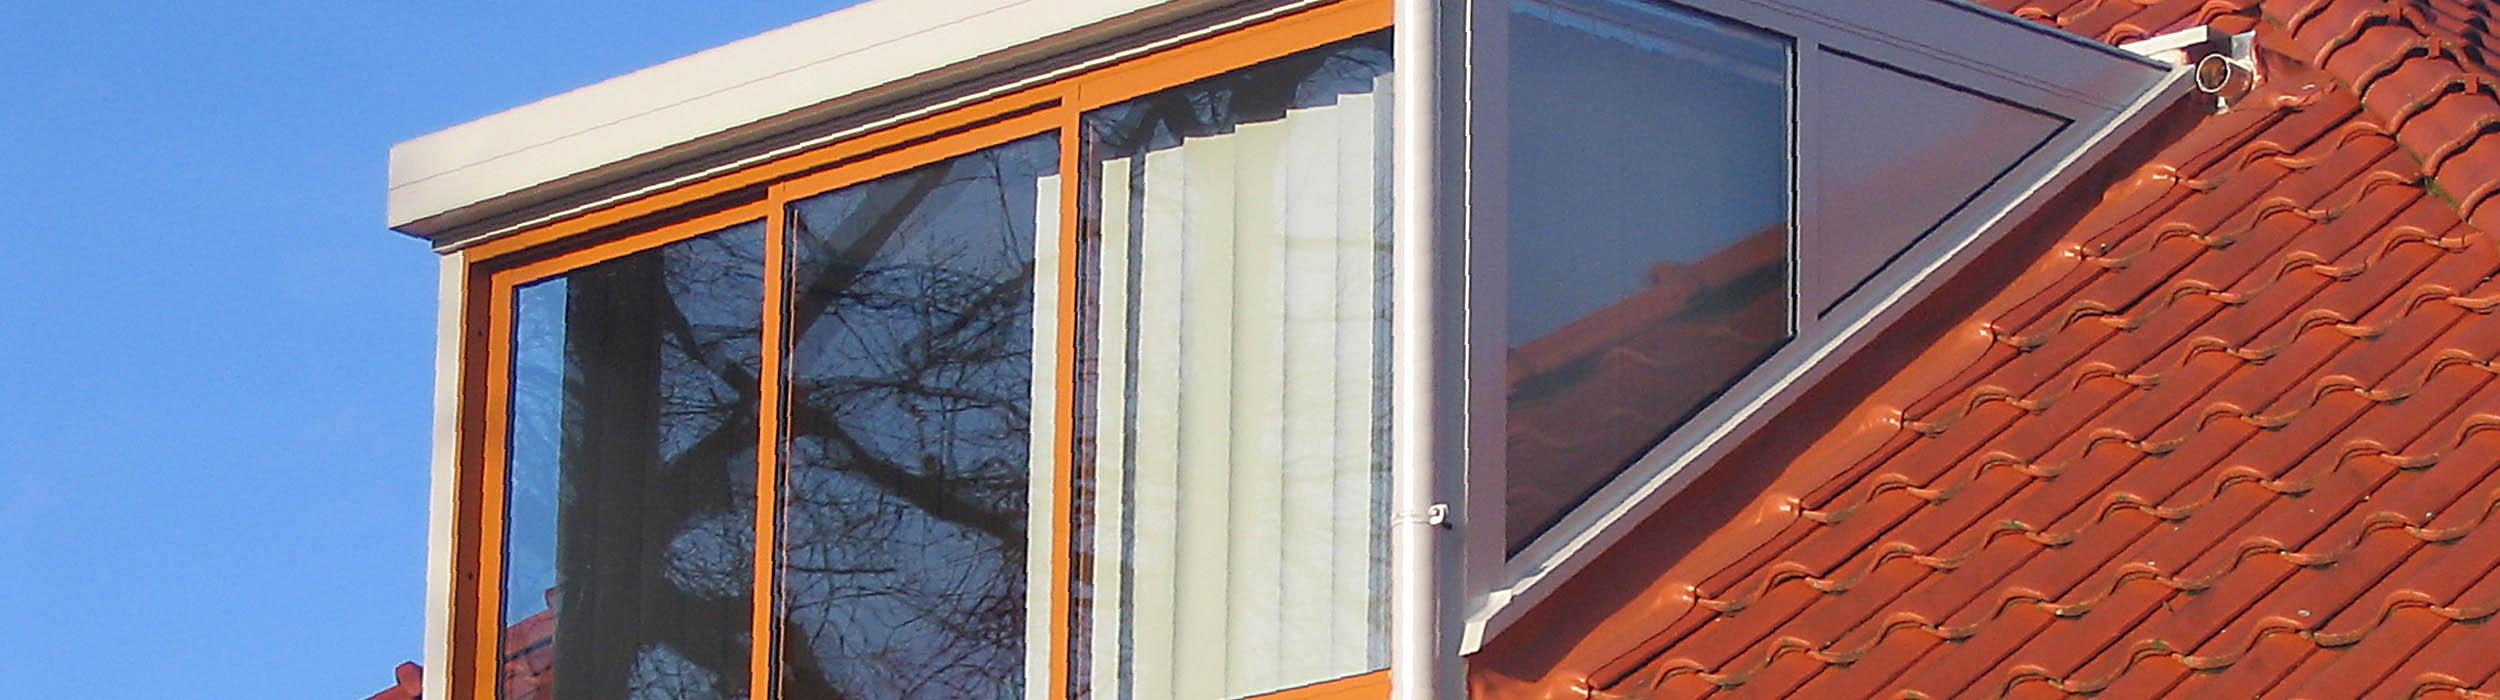 Berühmt Wintergarten auf dem Balkon: Was gibt es für Möglichkeiten? GU18